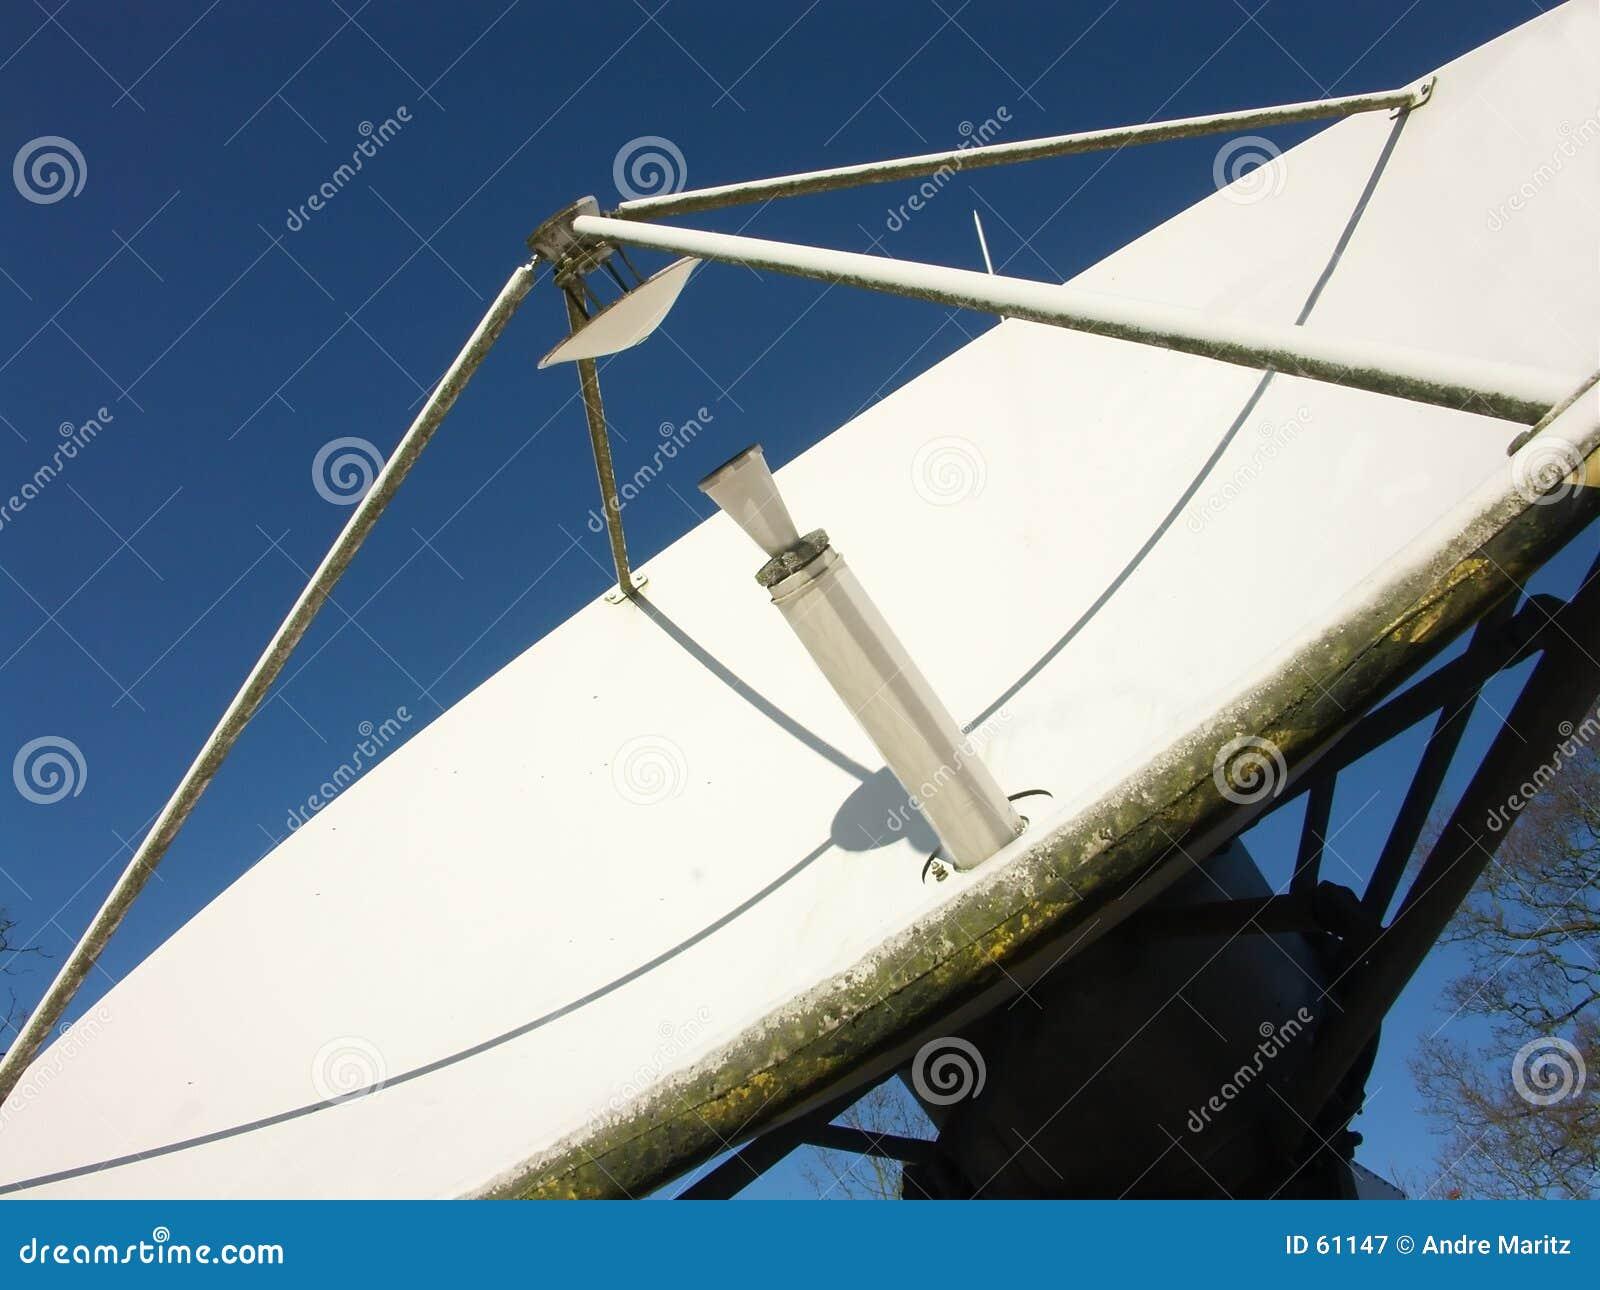 Download Paraboloïde Satellite D'émission Image stock - Image du télévision, enregistrement: 61147